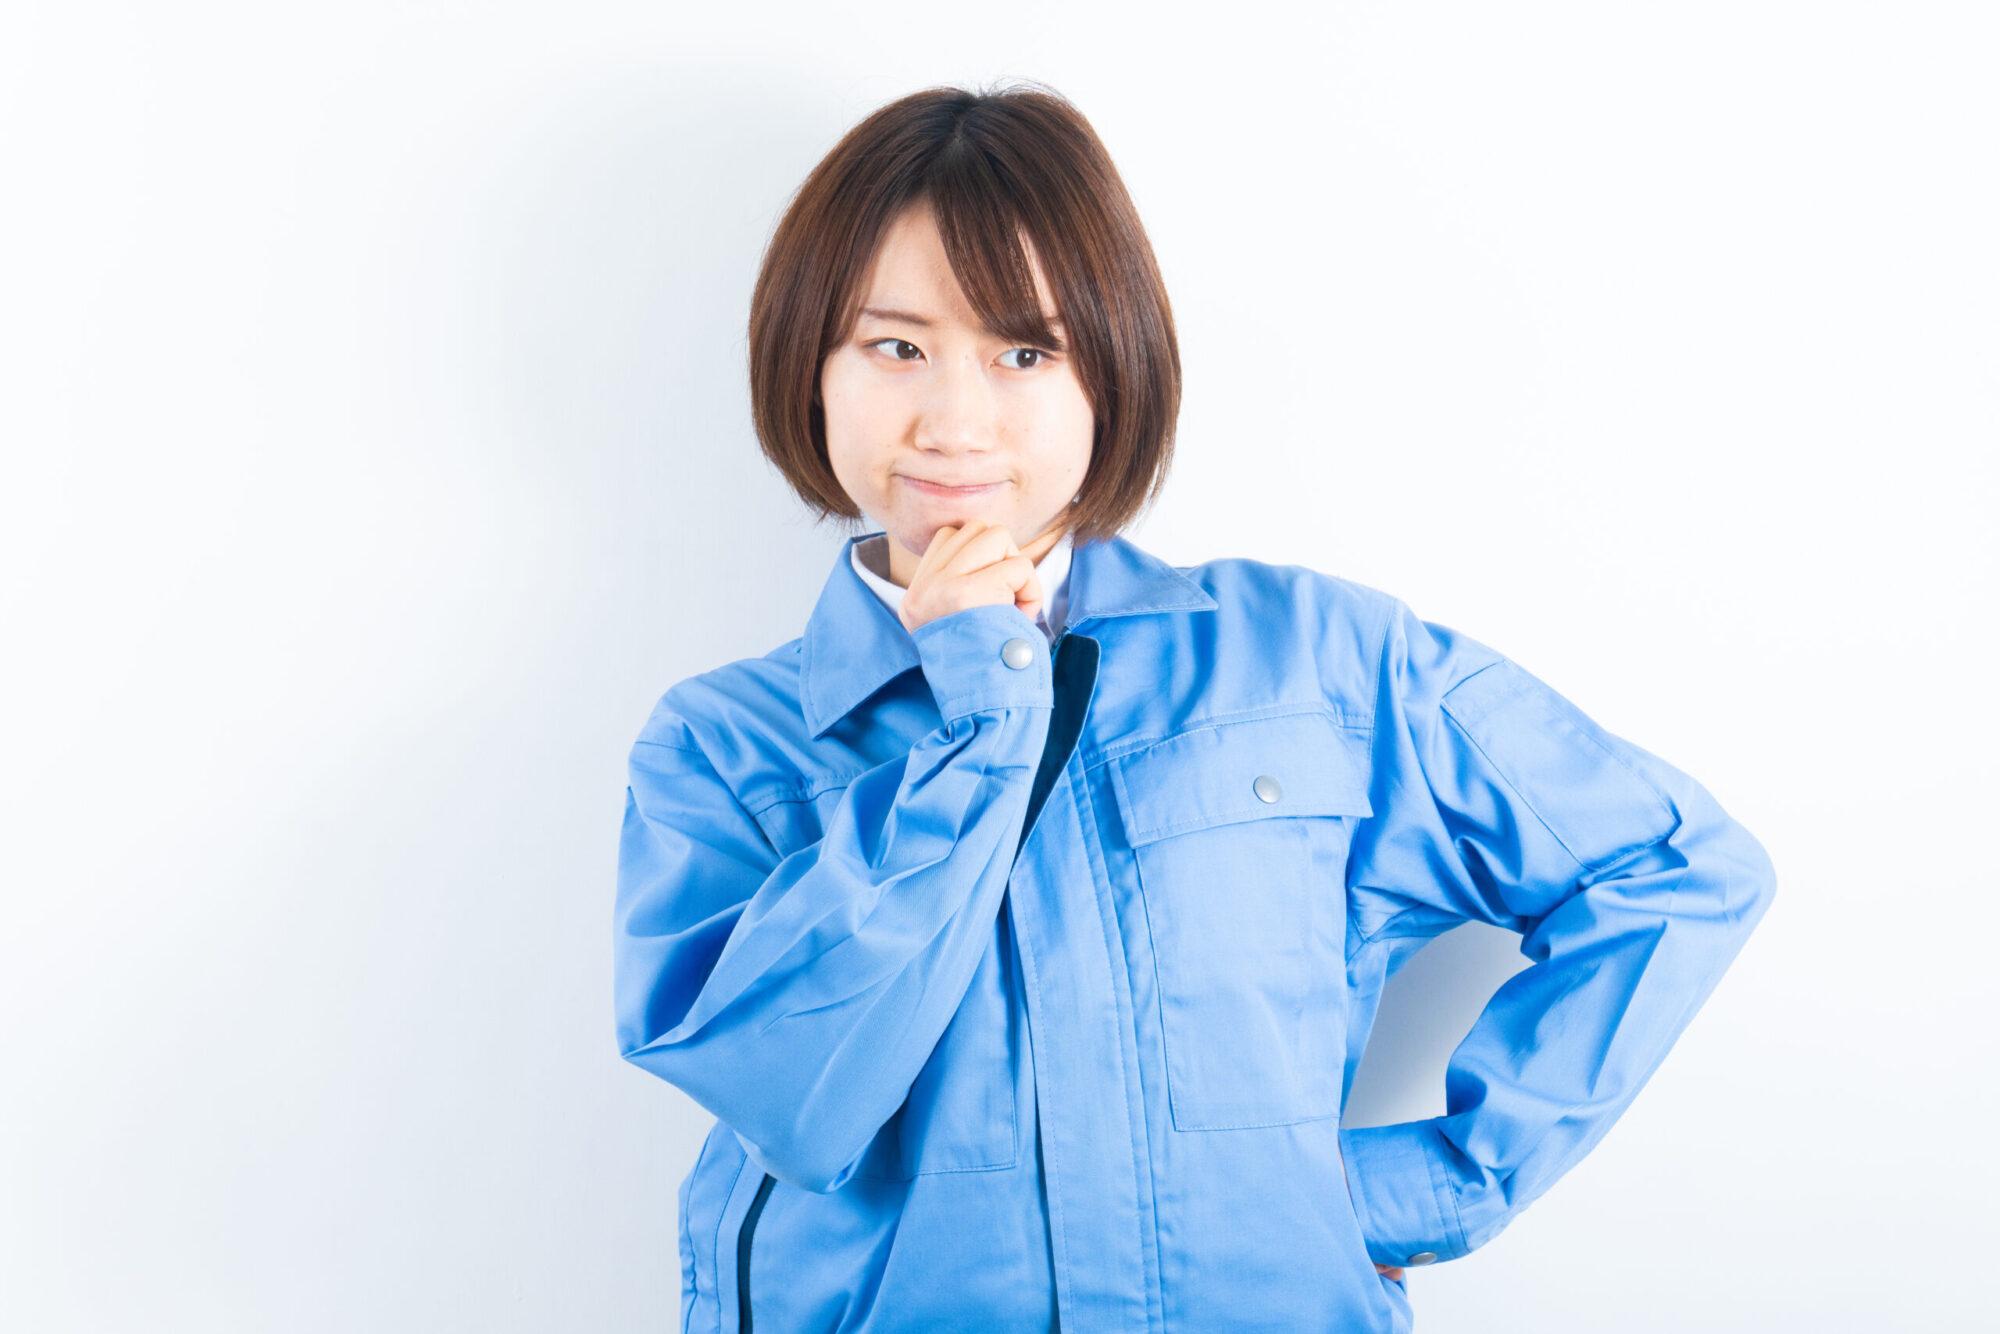 千葉県で誘導灯取付工事の業社をお探しなら | うた防災株式会社